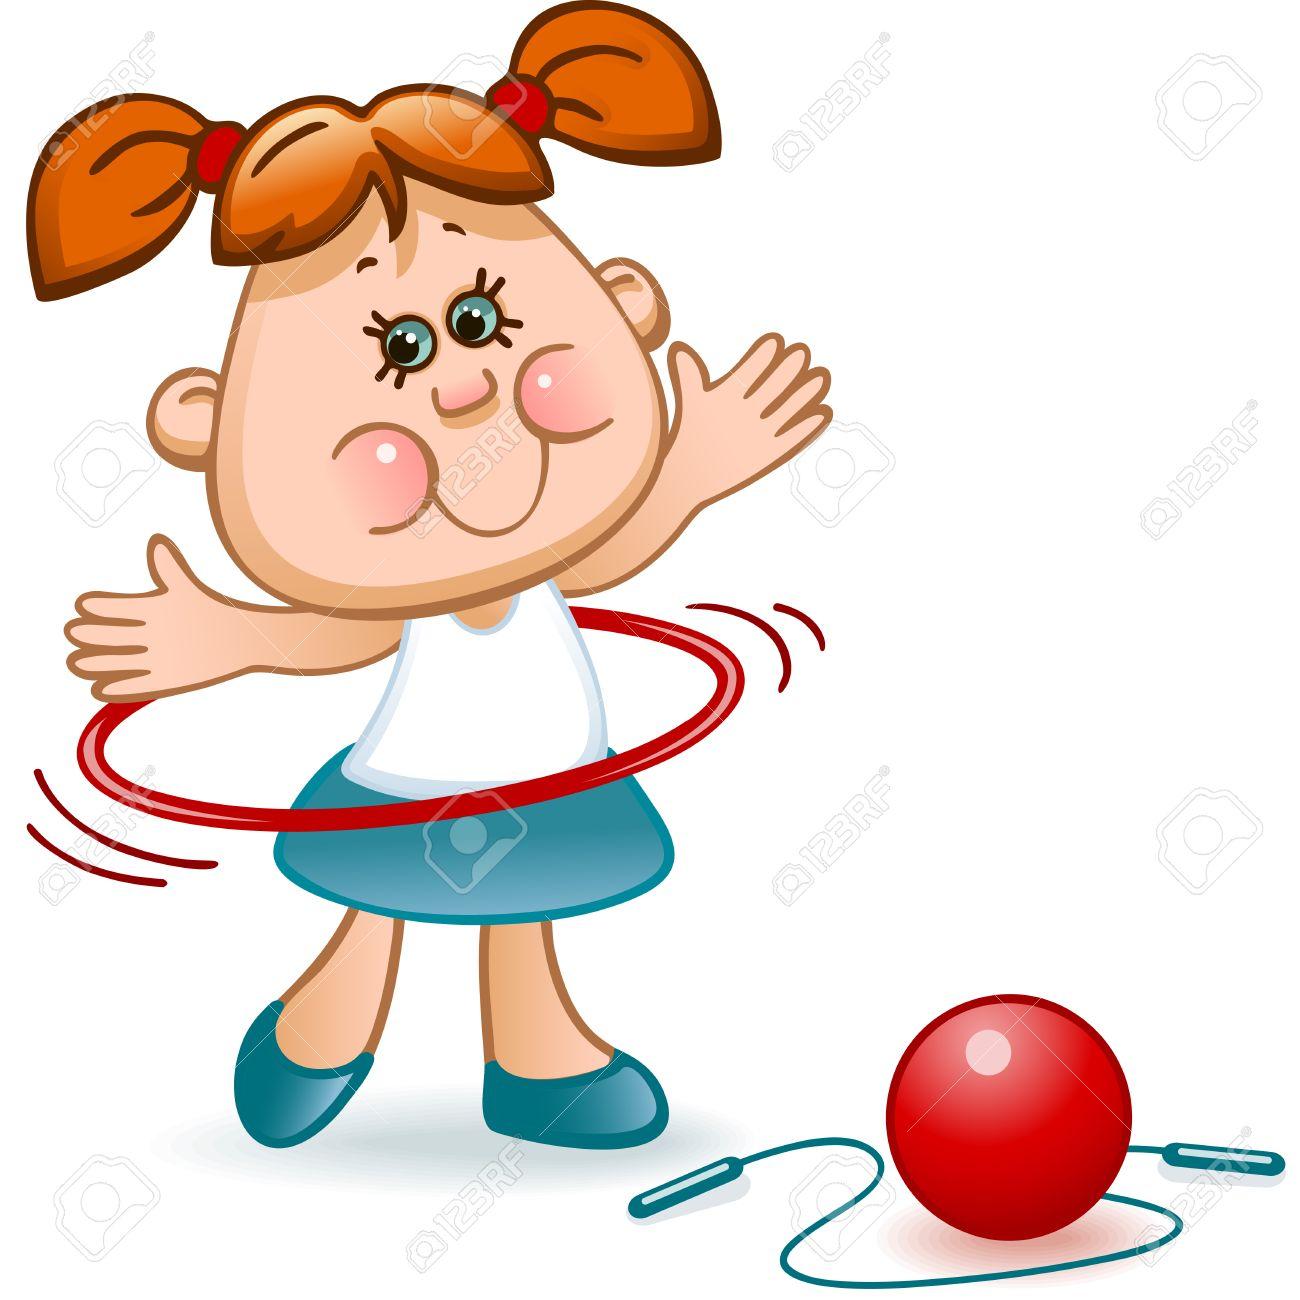 https://previews.123rf.com/images/usikova/usikova1503/usikova150300021/38702877-%C3%A9coli%C3%A8re-de-sport-traite-gymnastique-rythmique-avec-un-ballon-cerceau-et-saut-corde-rouge-Banque-d%27images.jpg